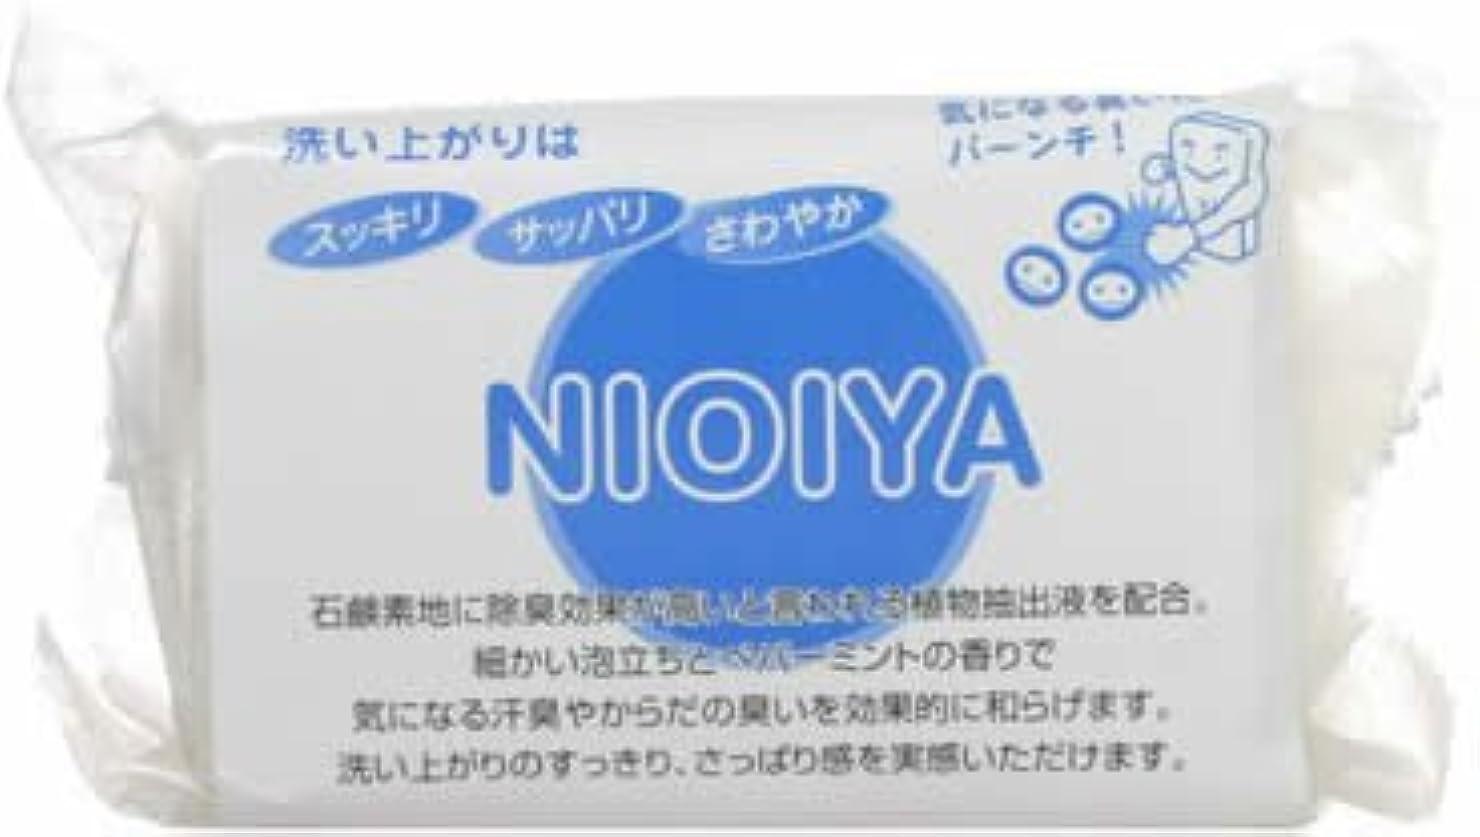 一貫性のないジョットディボンドン道徳NIOIYA石鹸(体臭?加齢ケアソープ)